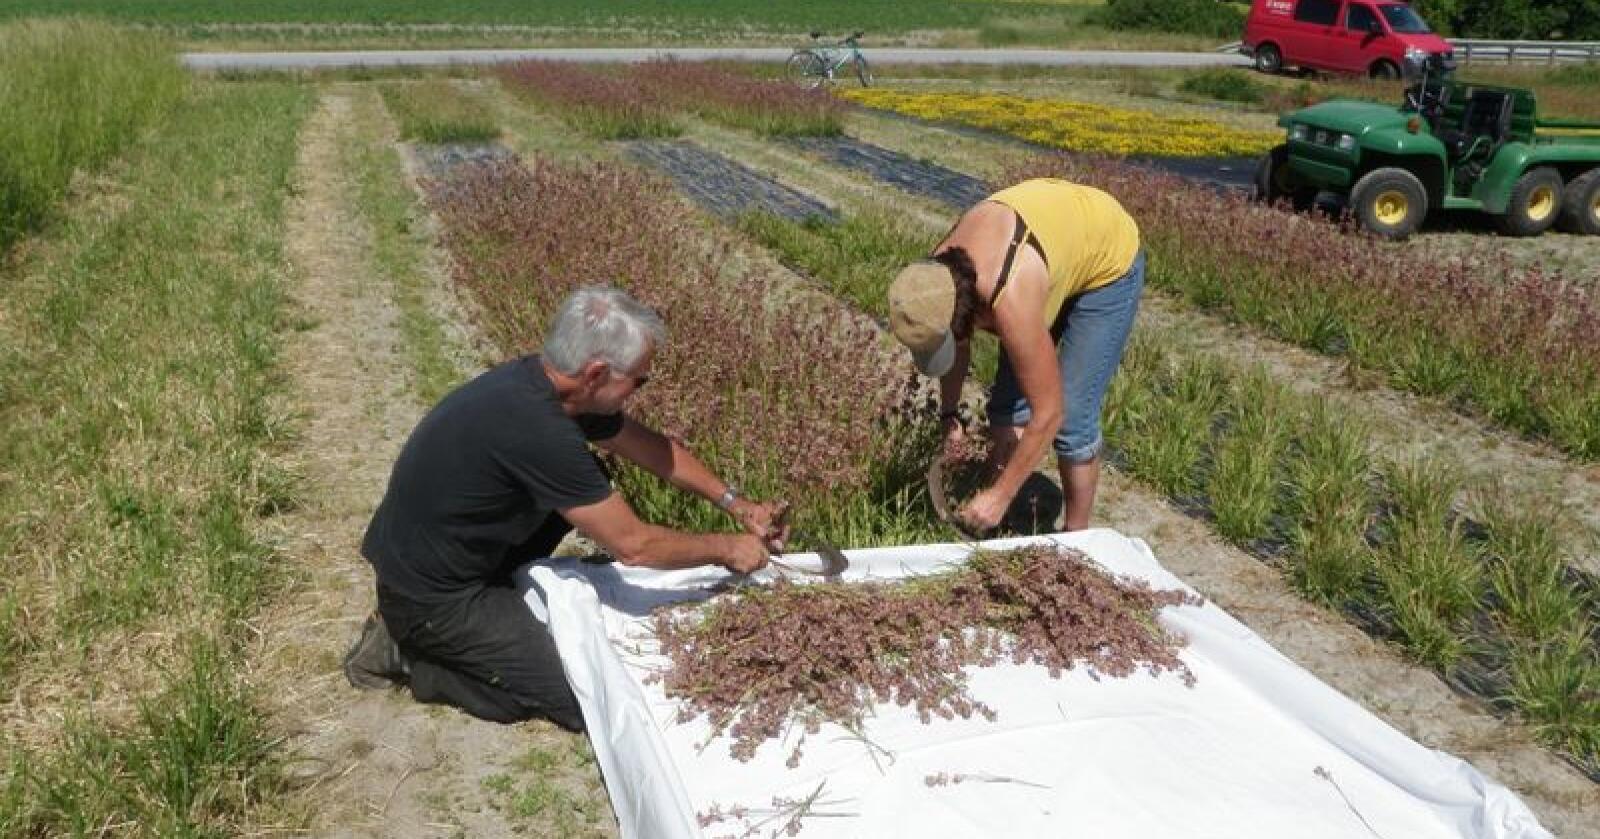 Det er arbeidskrevende å oppformere frø fra ville blomster. De fleste artene blir håndhøsta i flere omganger Foto: Trygve S. Aamlid, Nibio.